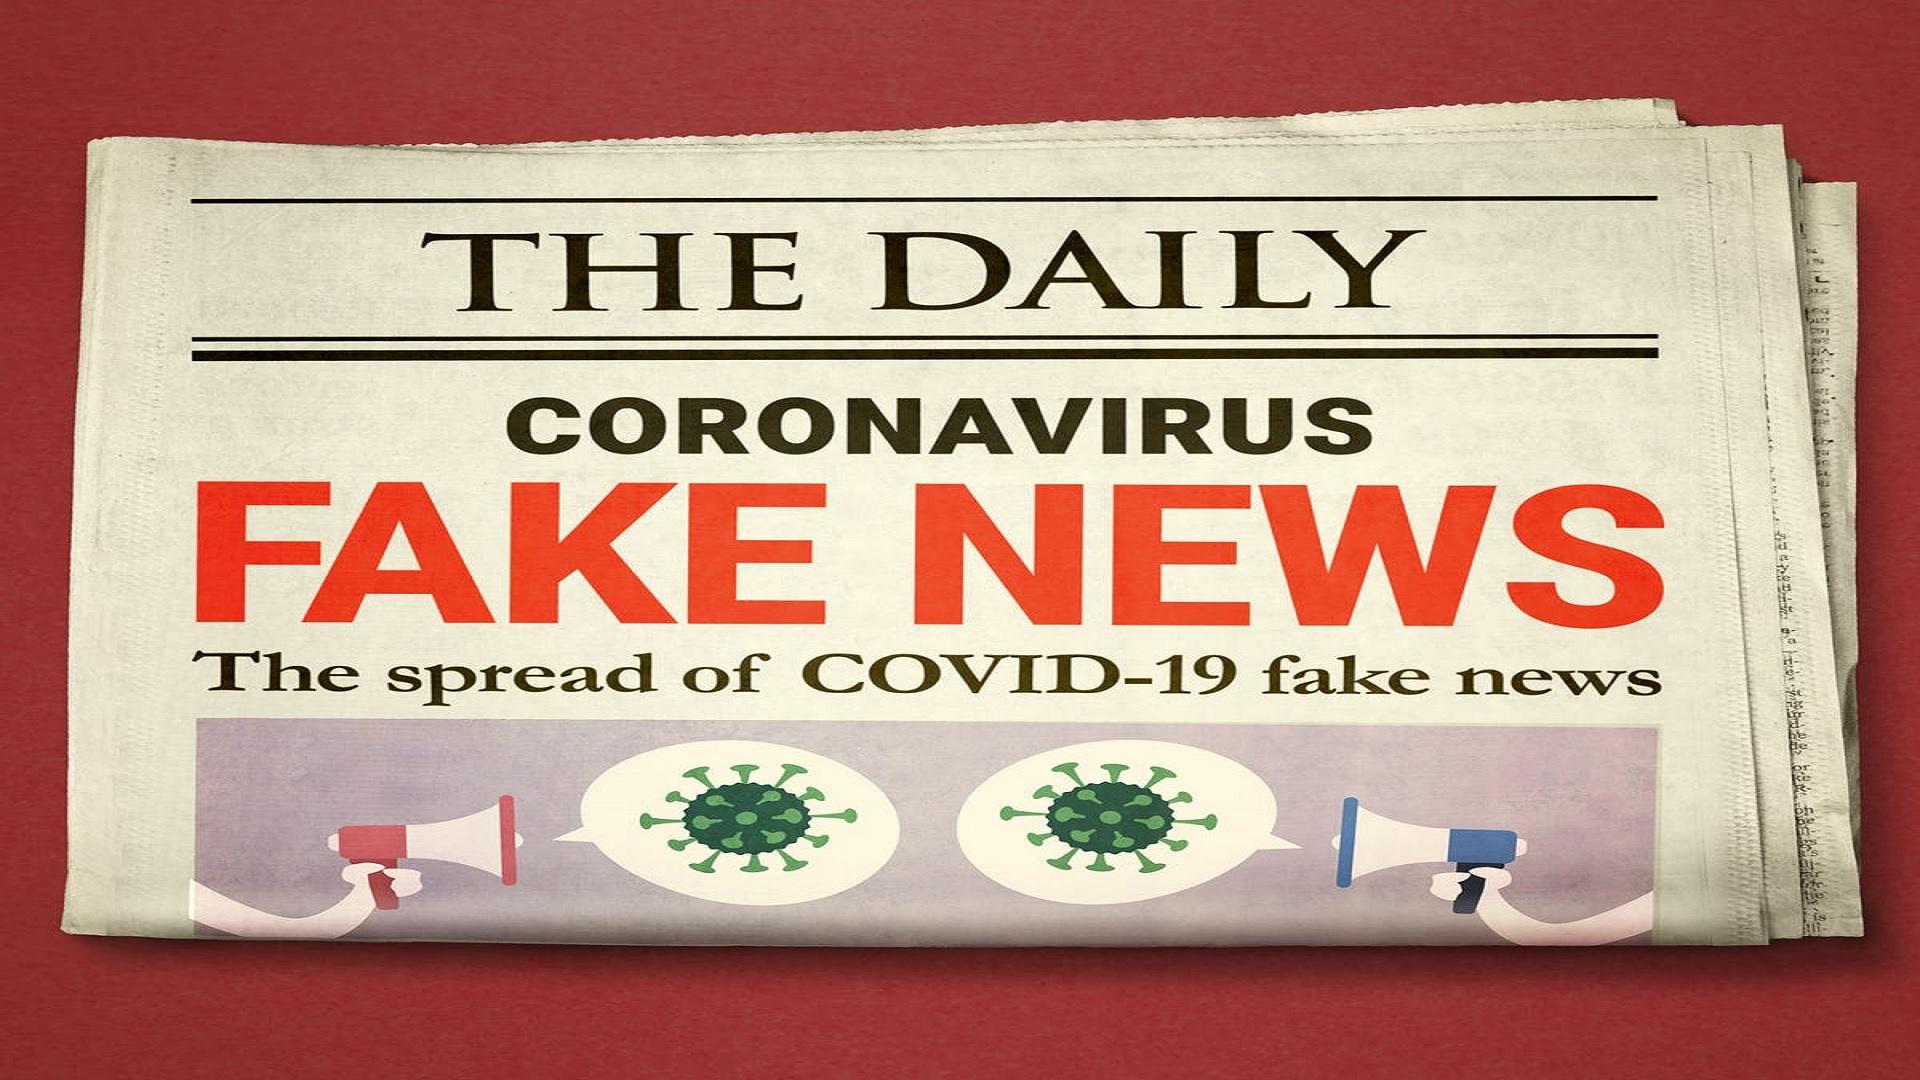 Απειλητικές οι διαστάσεις των fake news για τον κοροναϊό